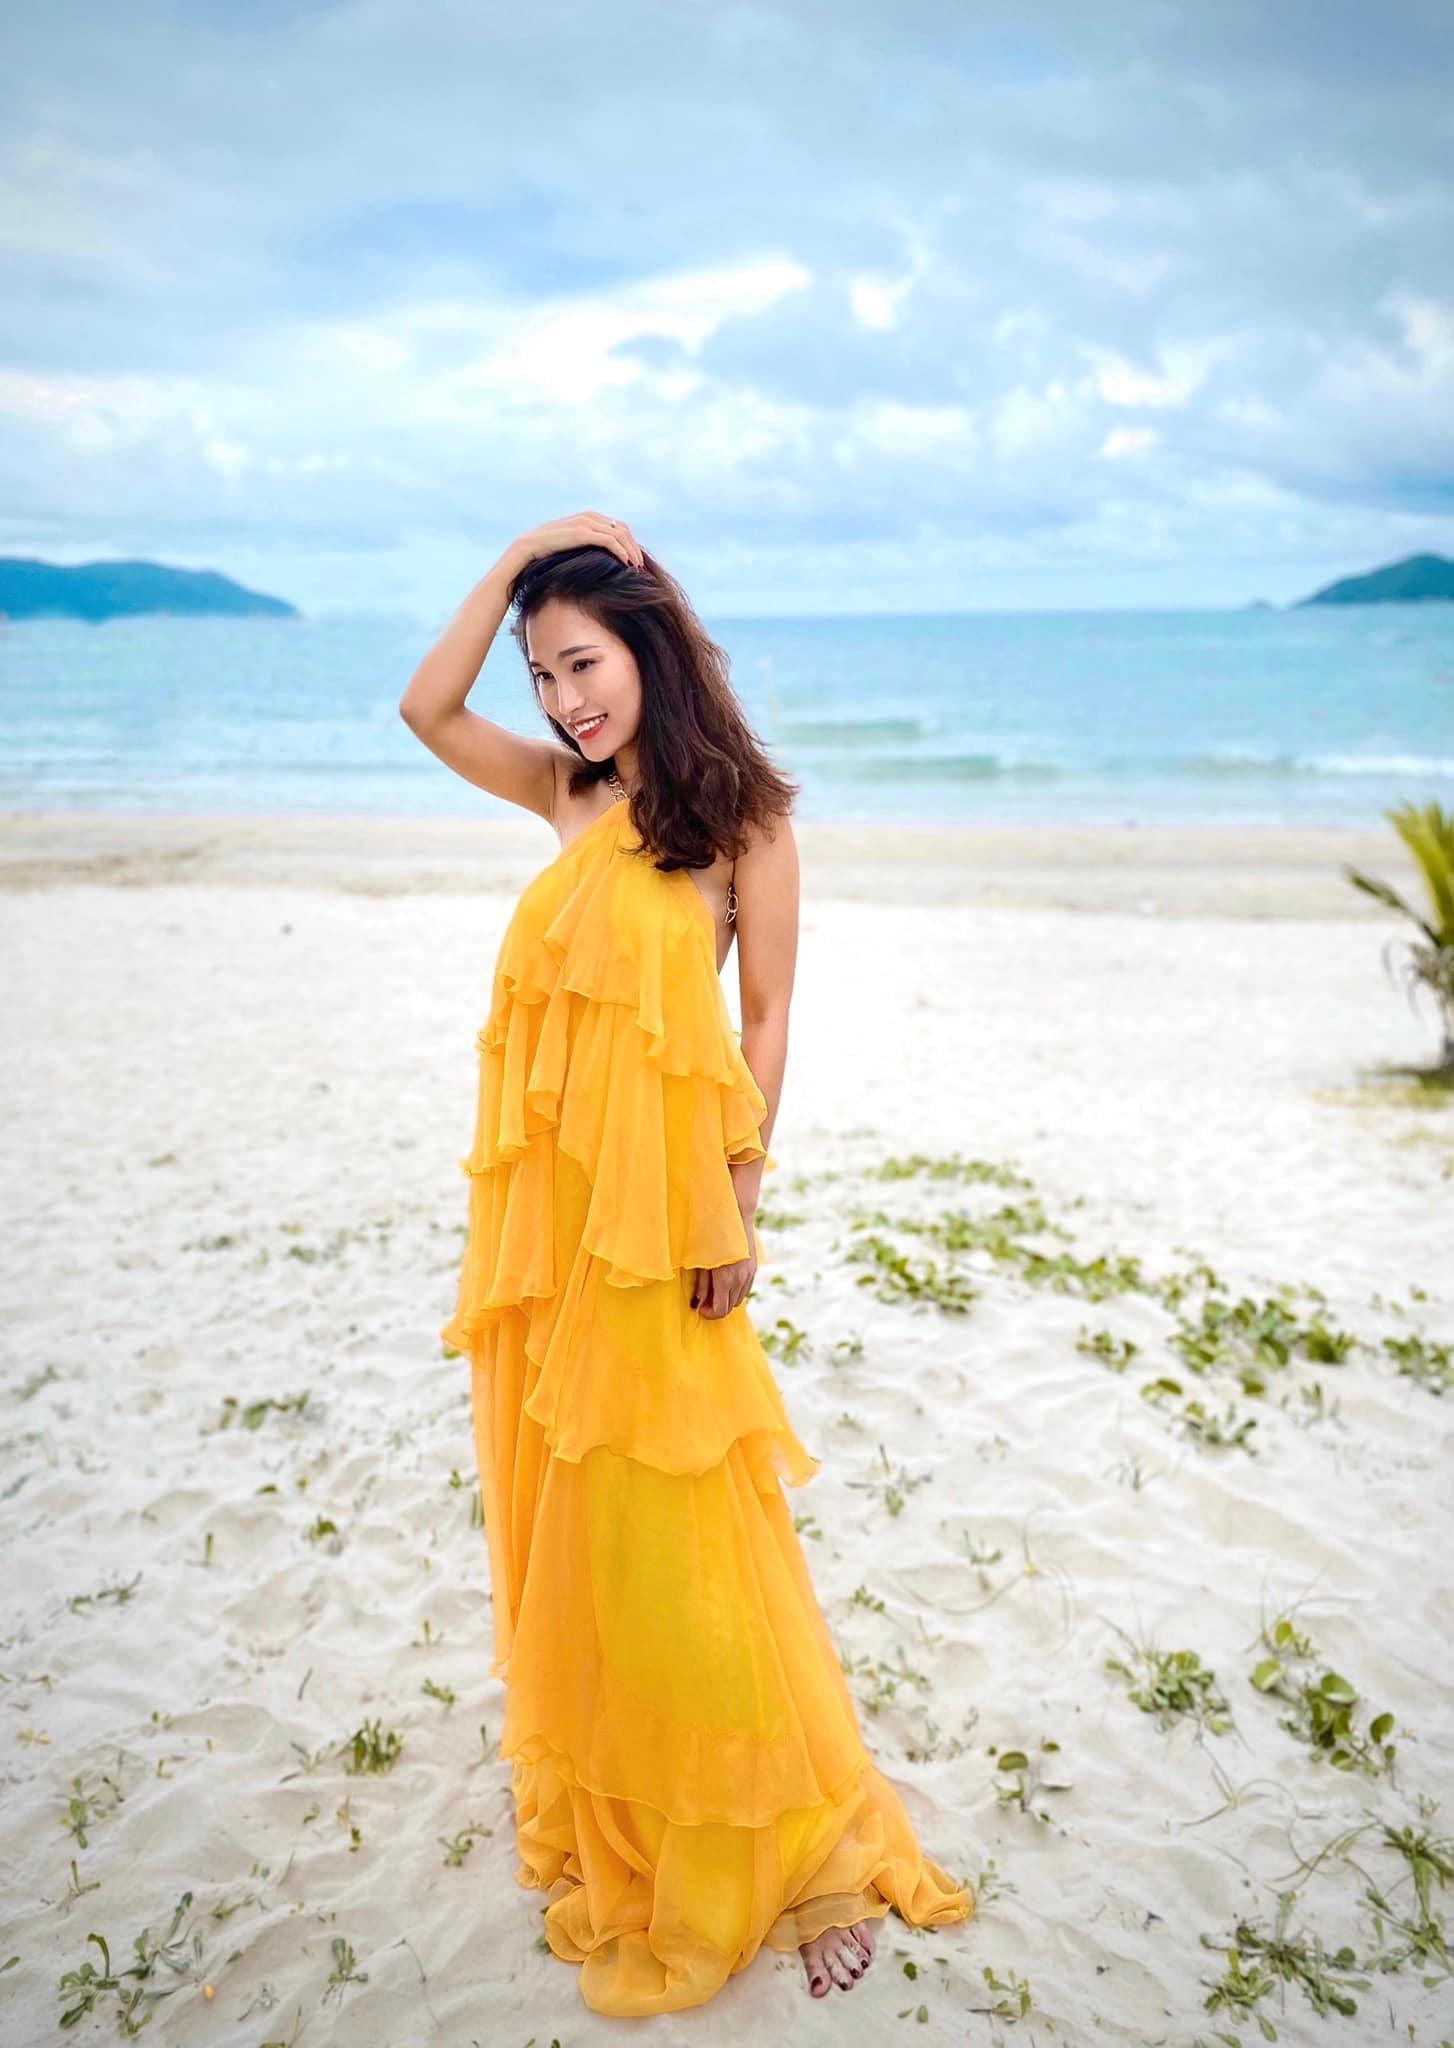 Cô nàng luôn gây ấn tượng với những trang phục đi biển rực rỡ và quyến rũ.